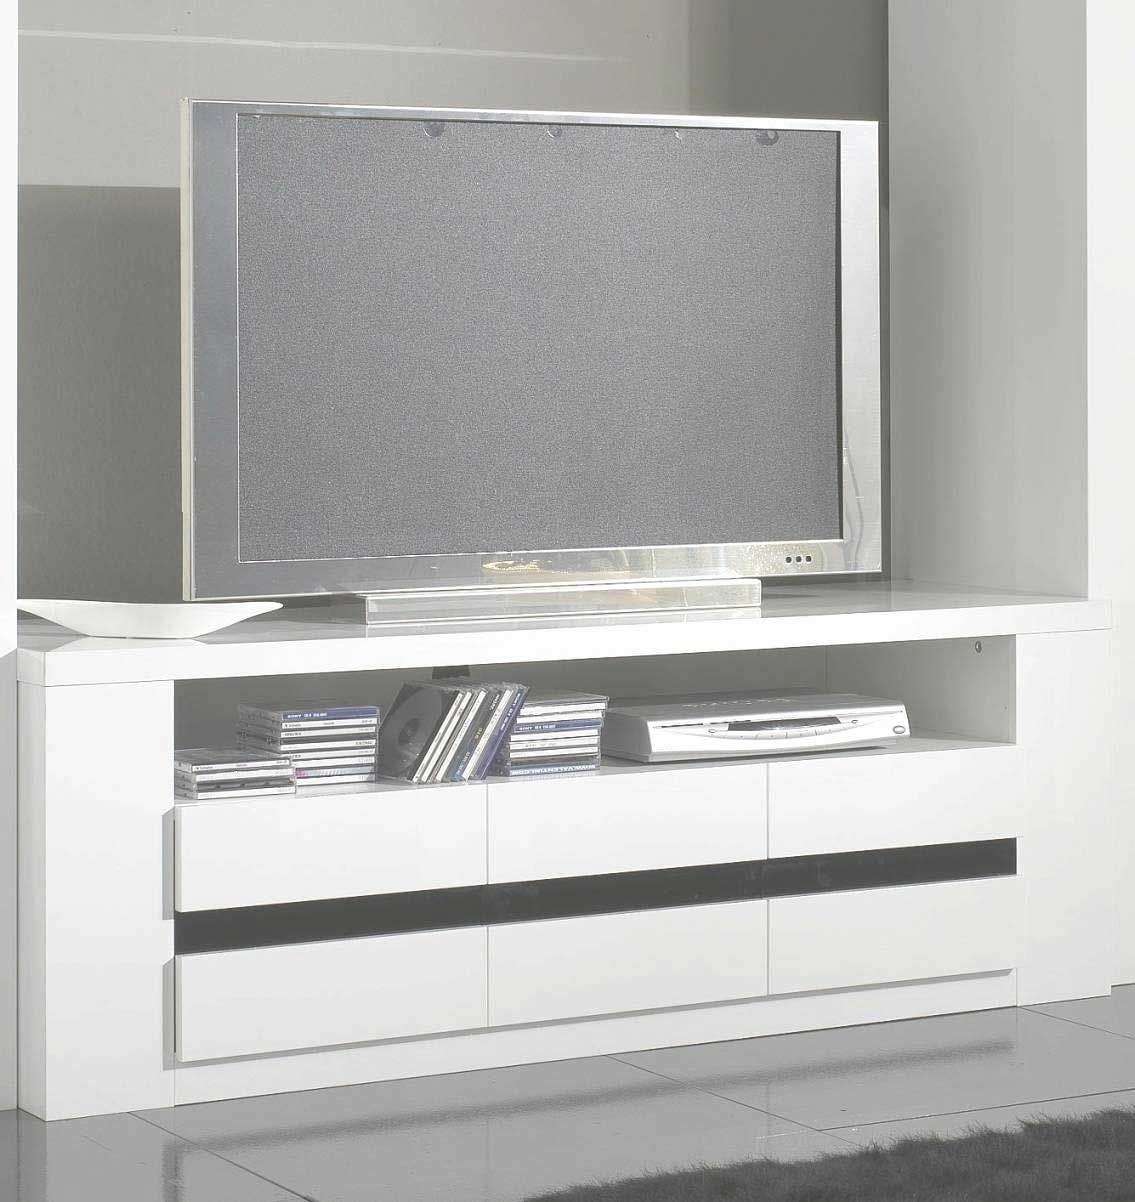 Meuble Tv Design Italien Meuble Tv Haut De Gamme Design Luxe Collection Meuble Tv Italien Of En 2020 Meuble Tv Angle Meuble Tv Design Meuble Tv